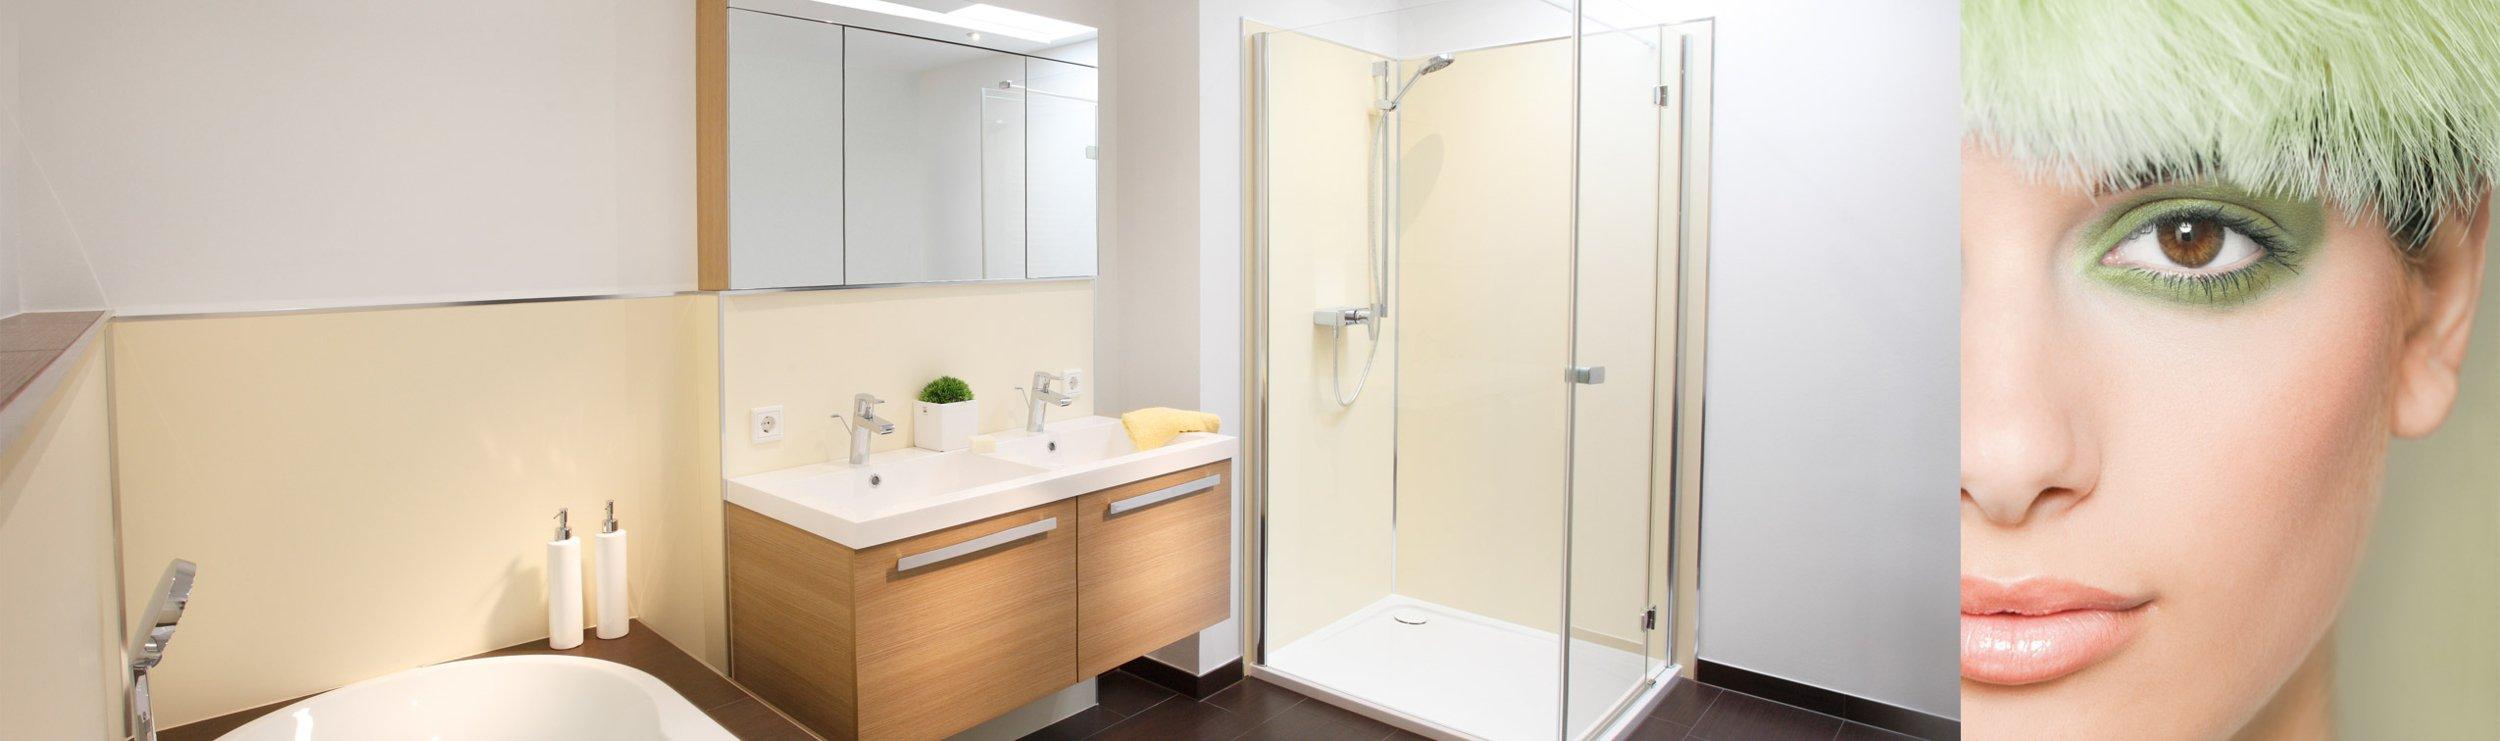 Wandpanelen van ARTWEGER - nieuwe badkamer zonder nieuwe tegels!